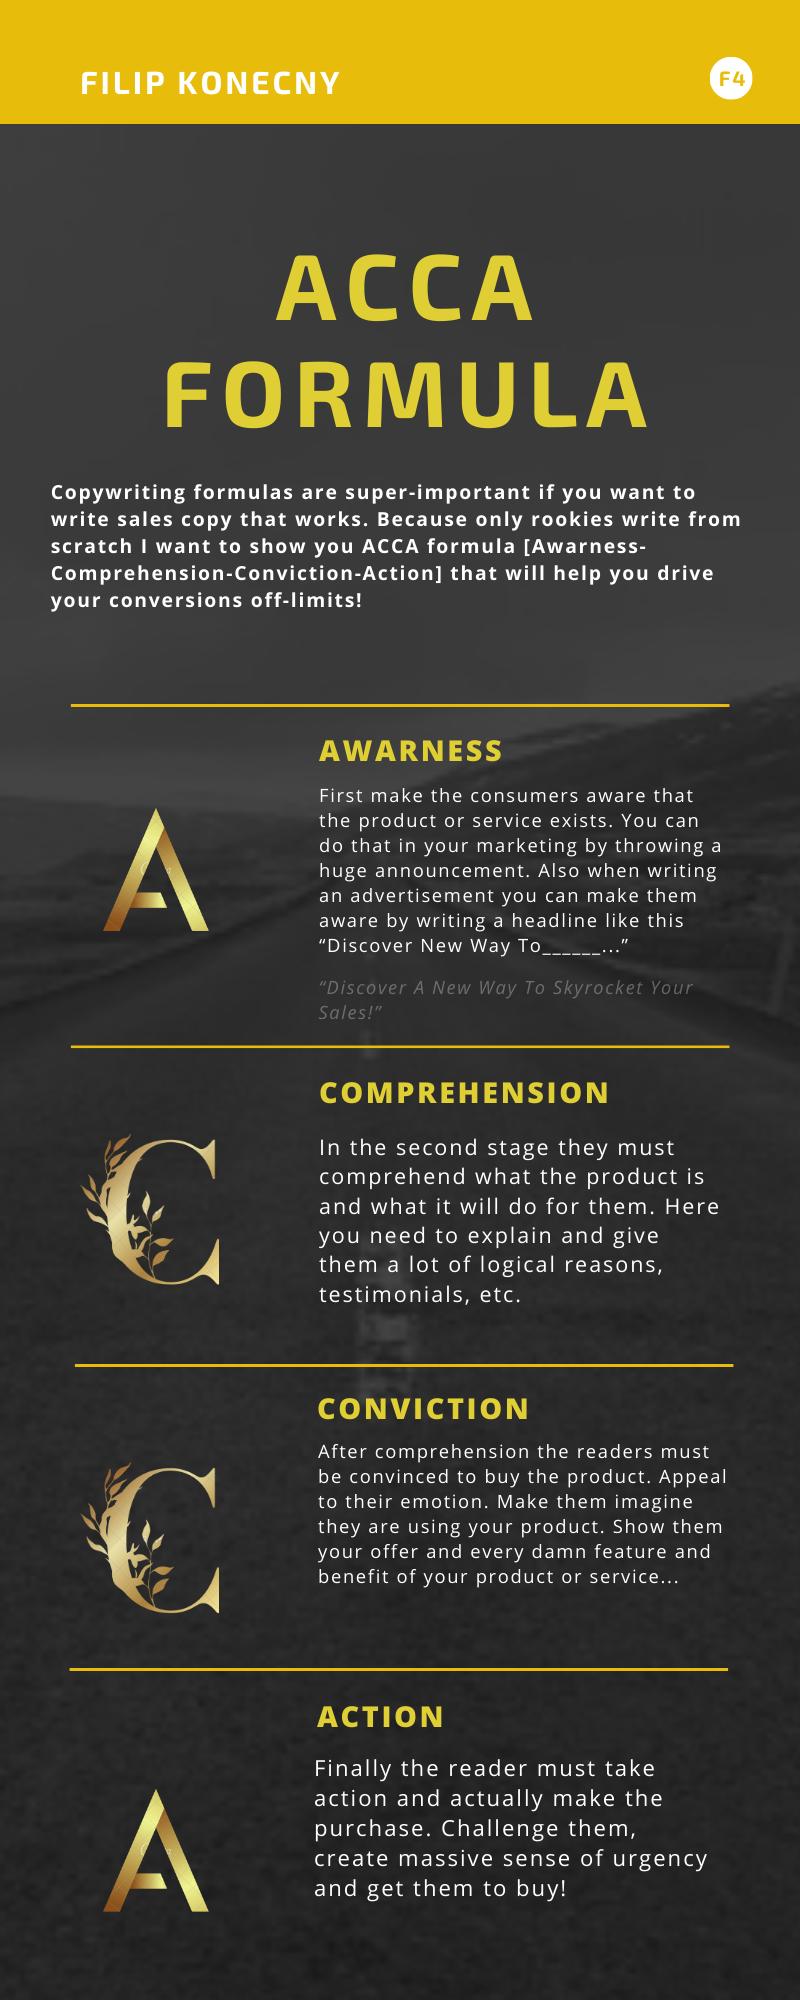 ACCA copywriting formula